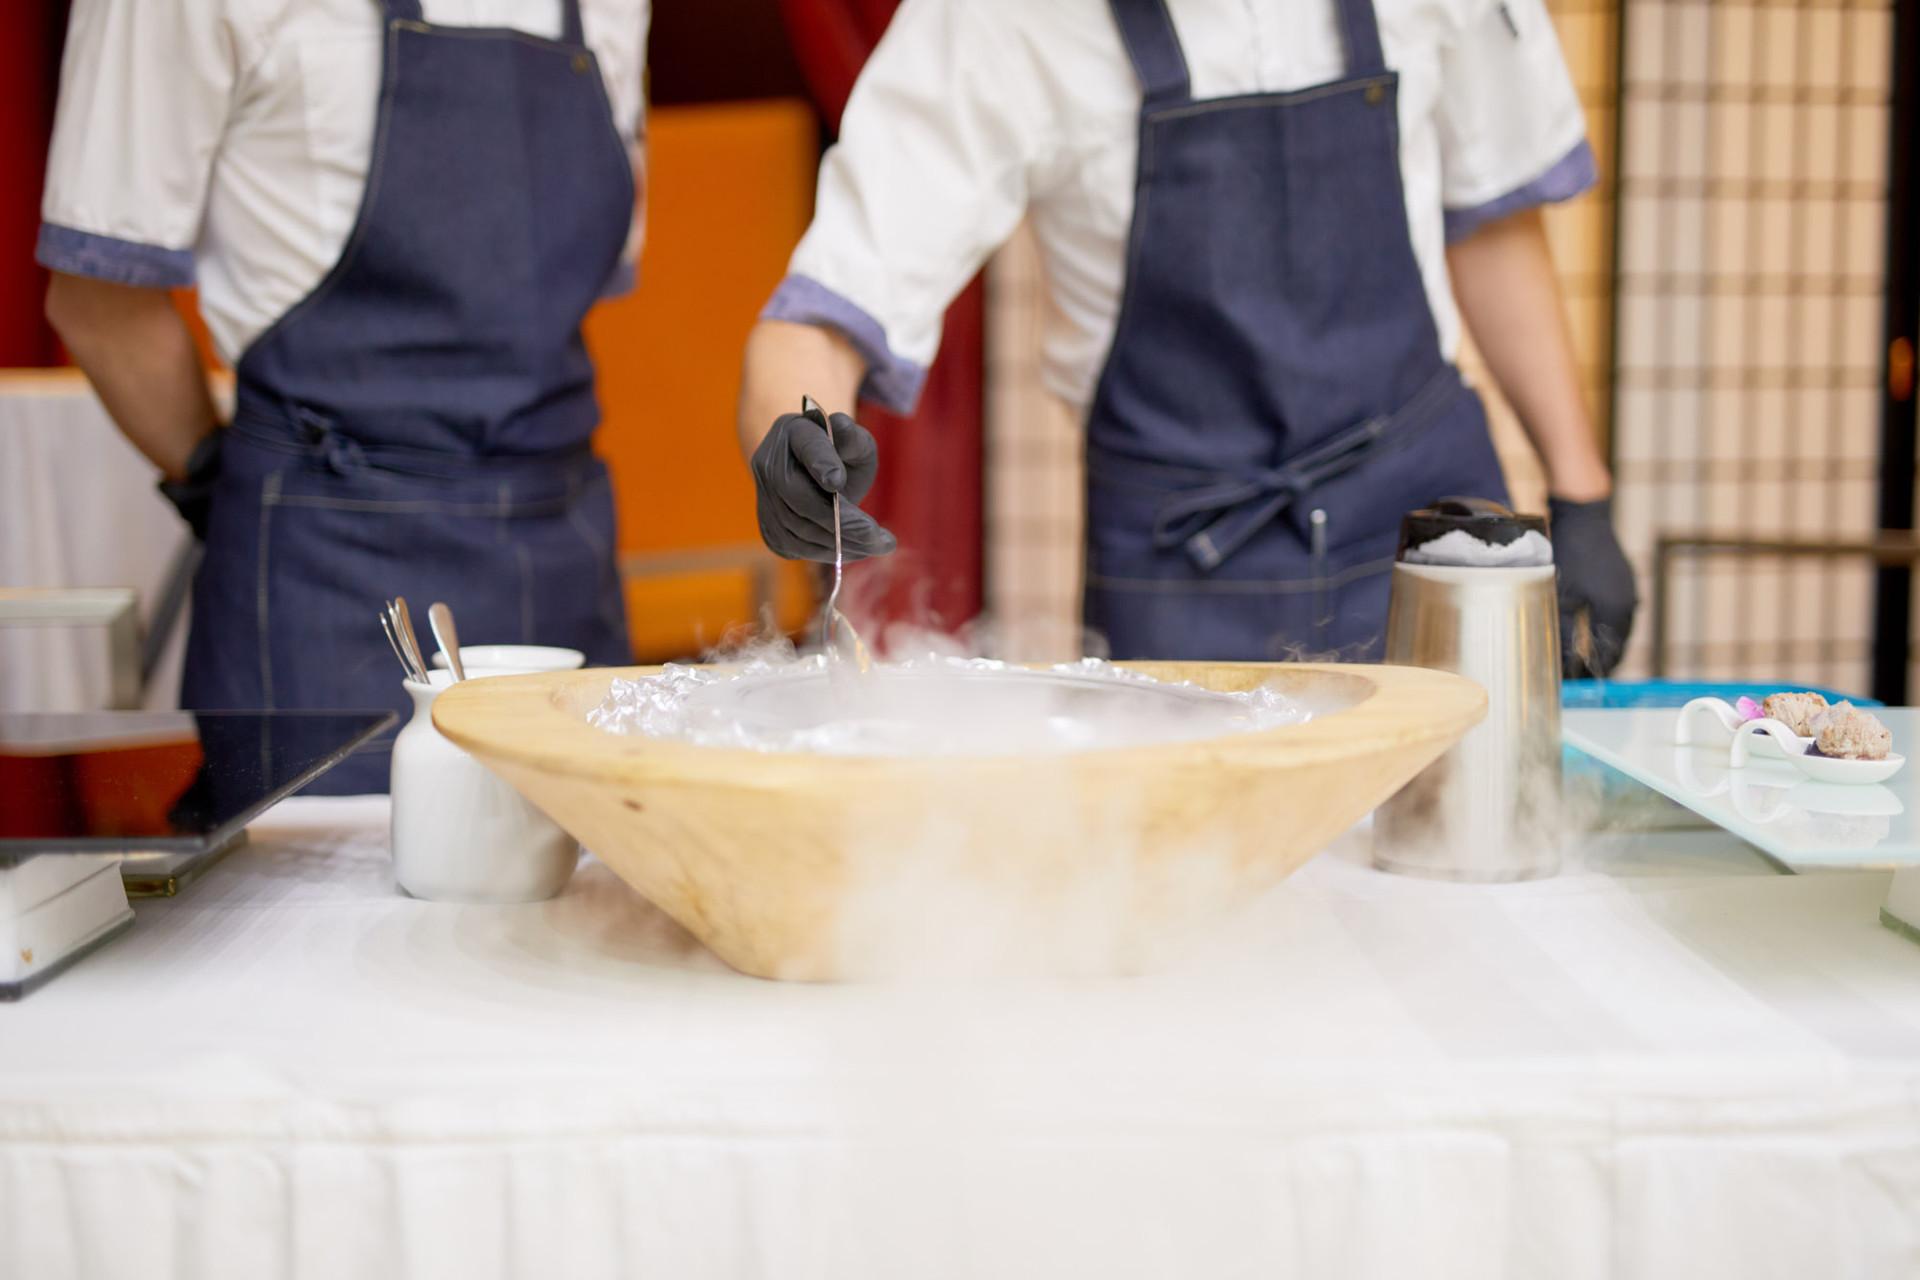 Radnicni-restaurace-catering 11.jpg